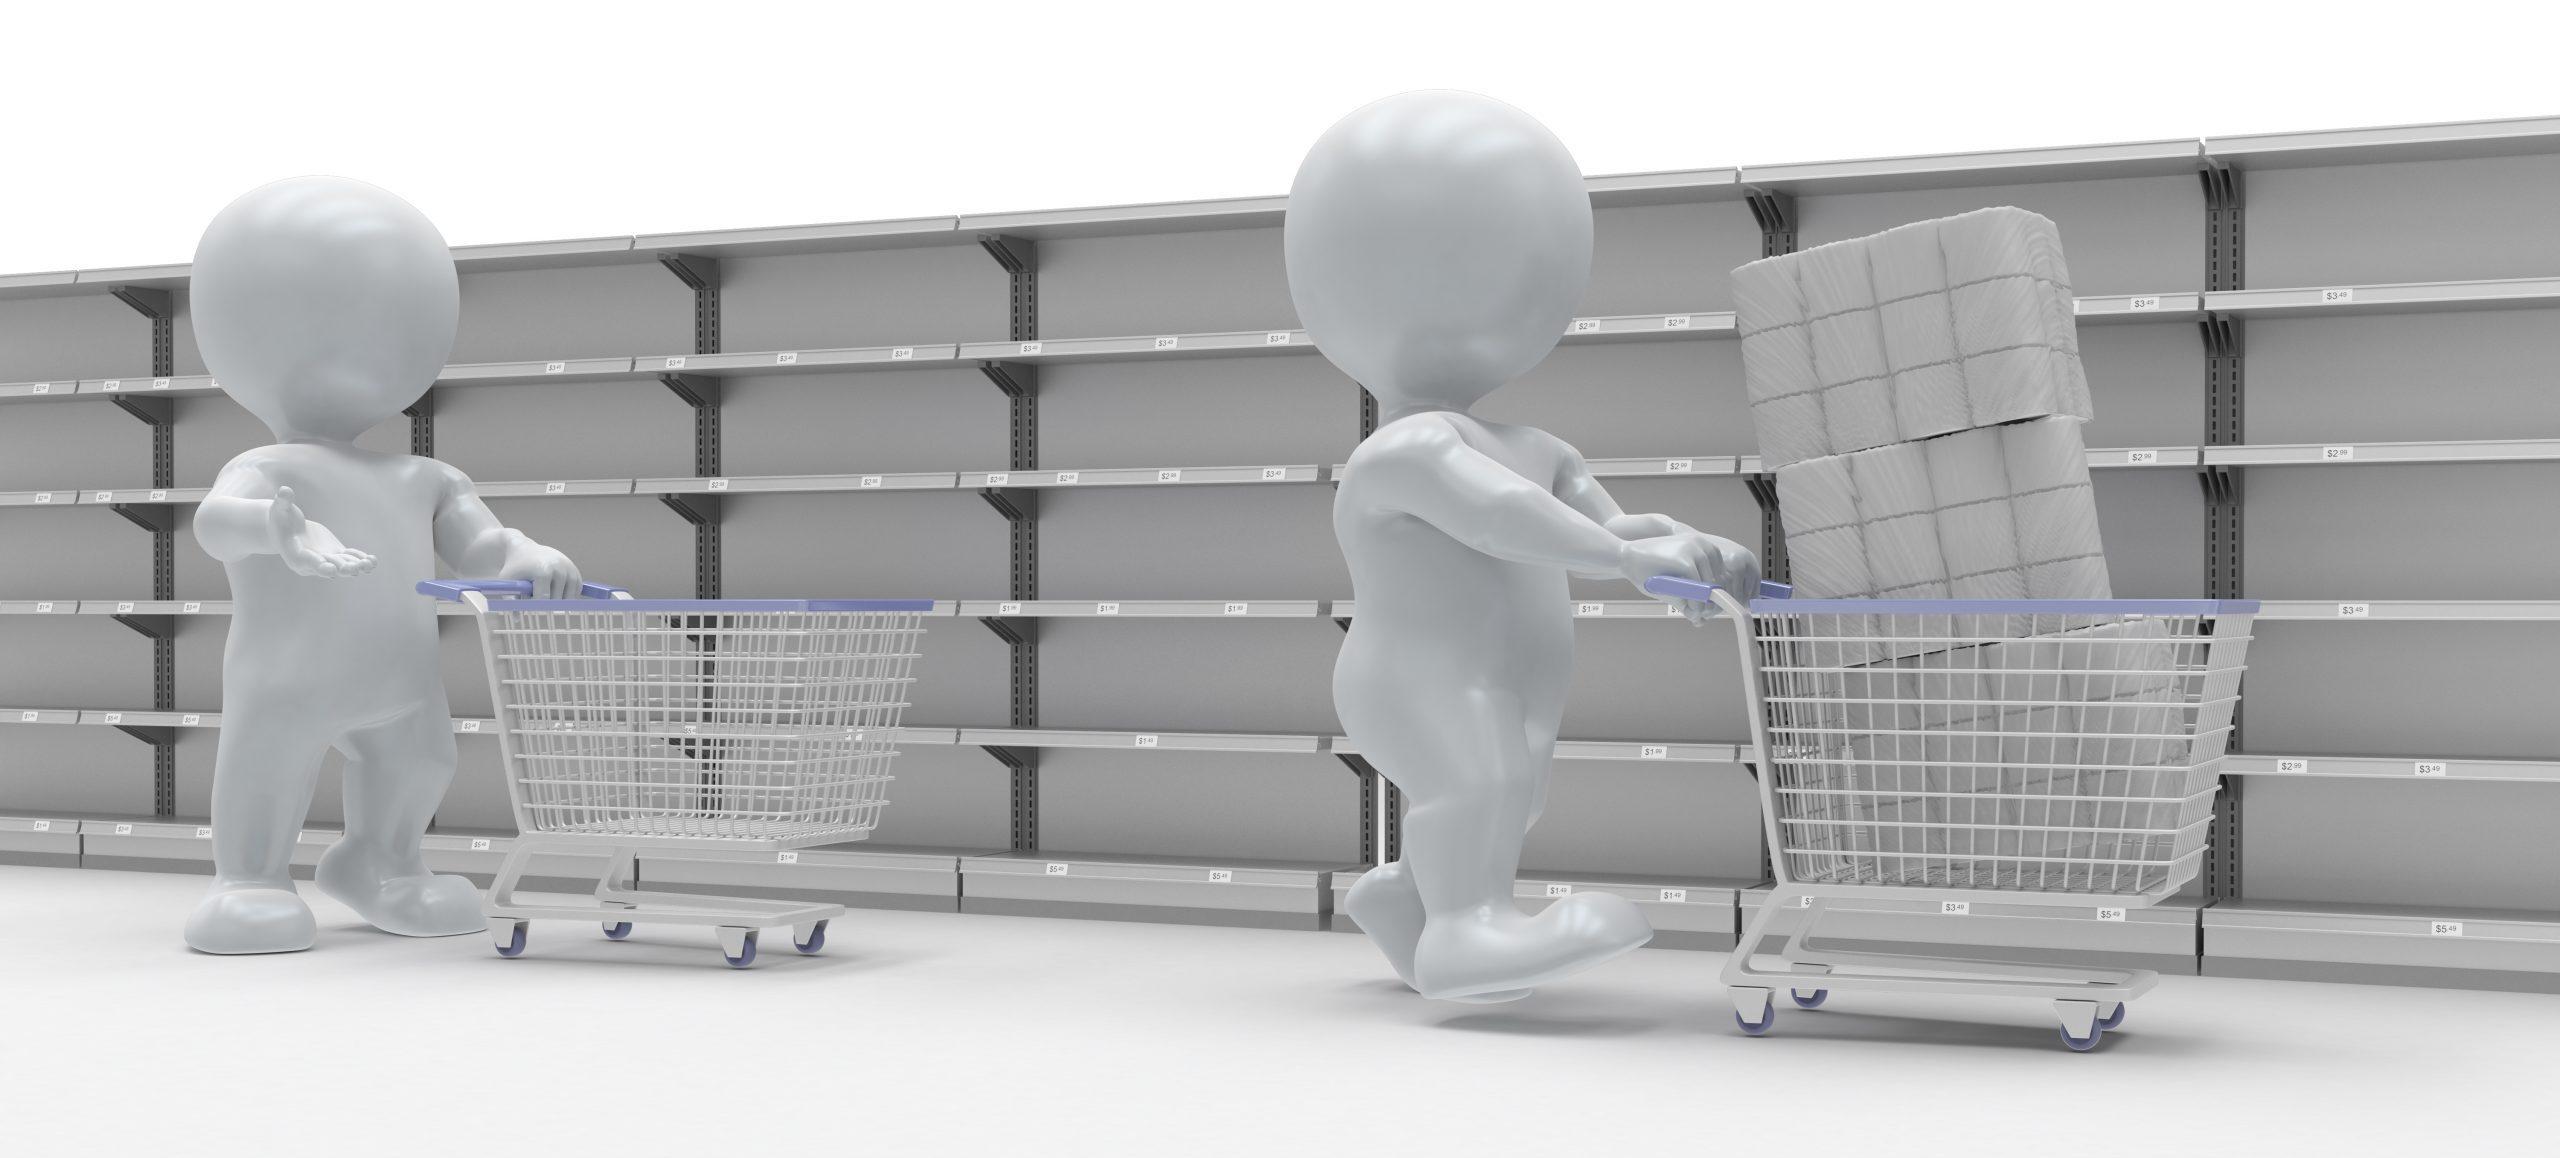 Toilettenpapier im Supermarkt ausverkauft